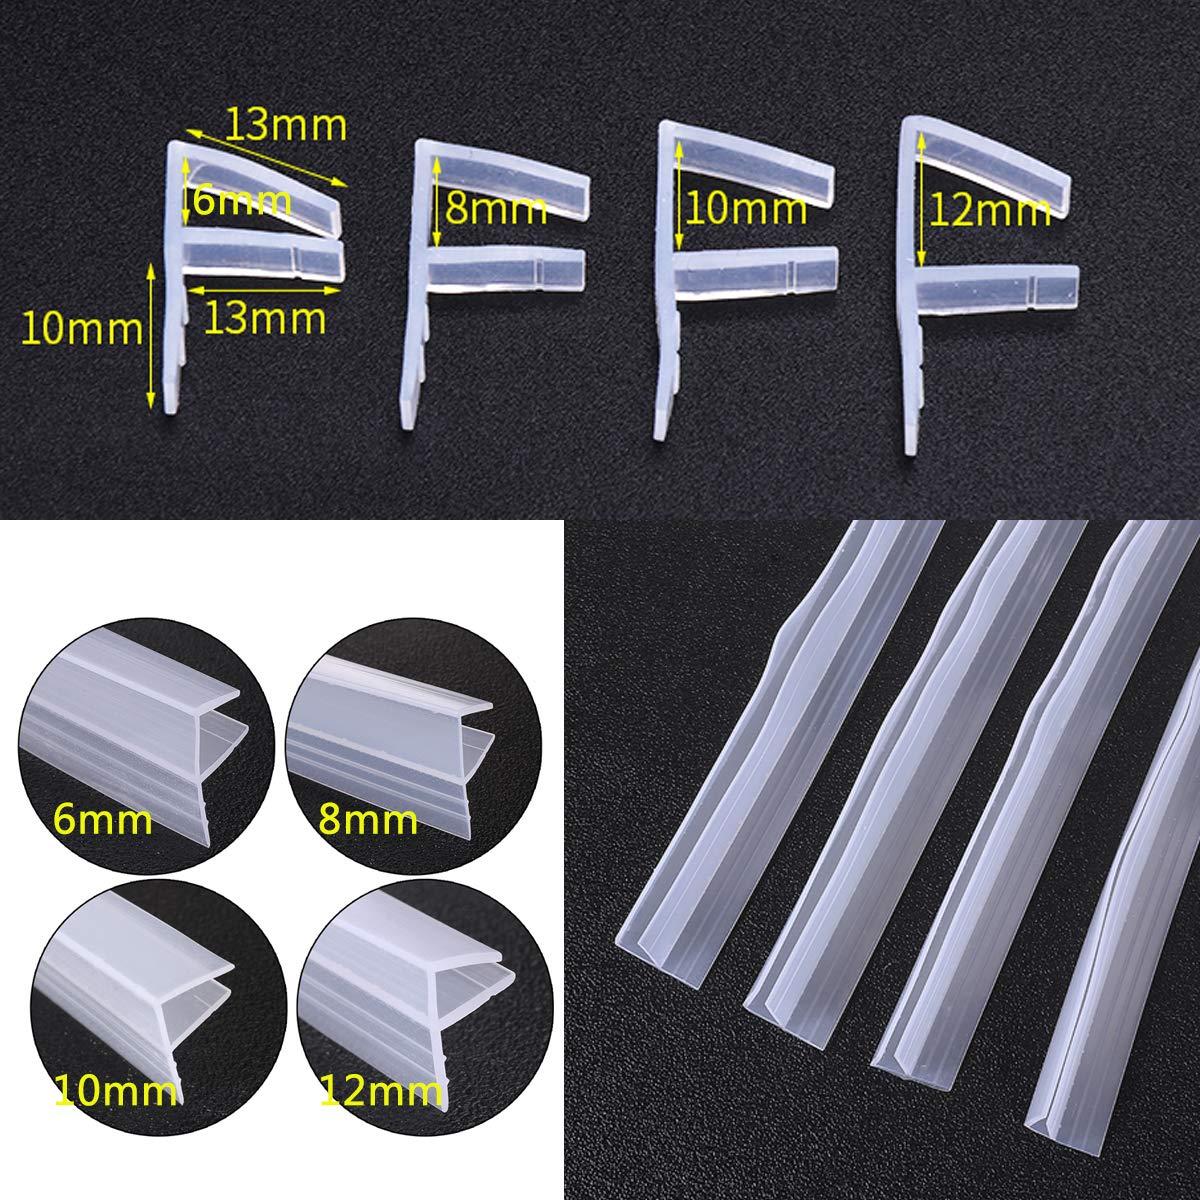 dDanke - Tira de sellado flexible para mampara de ducha (100 cm de longitud, para cristal de 6-12 mm), 10 cm: Amazon.es: Hogar